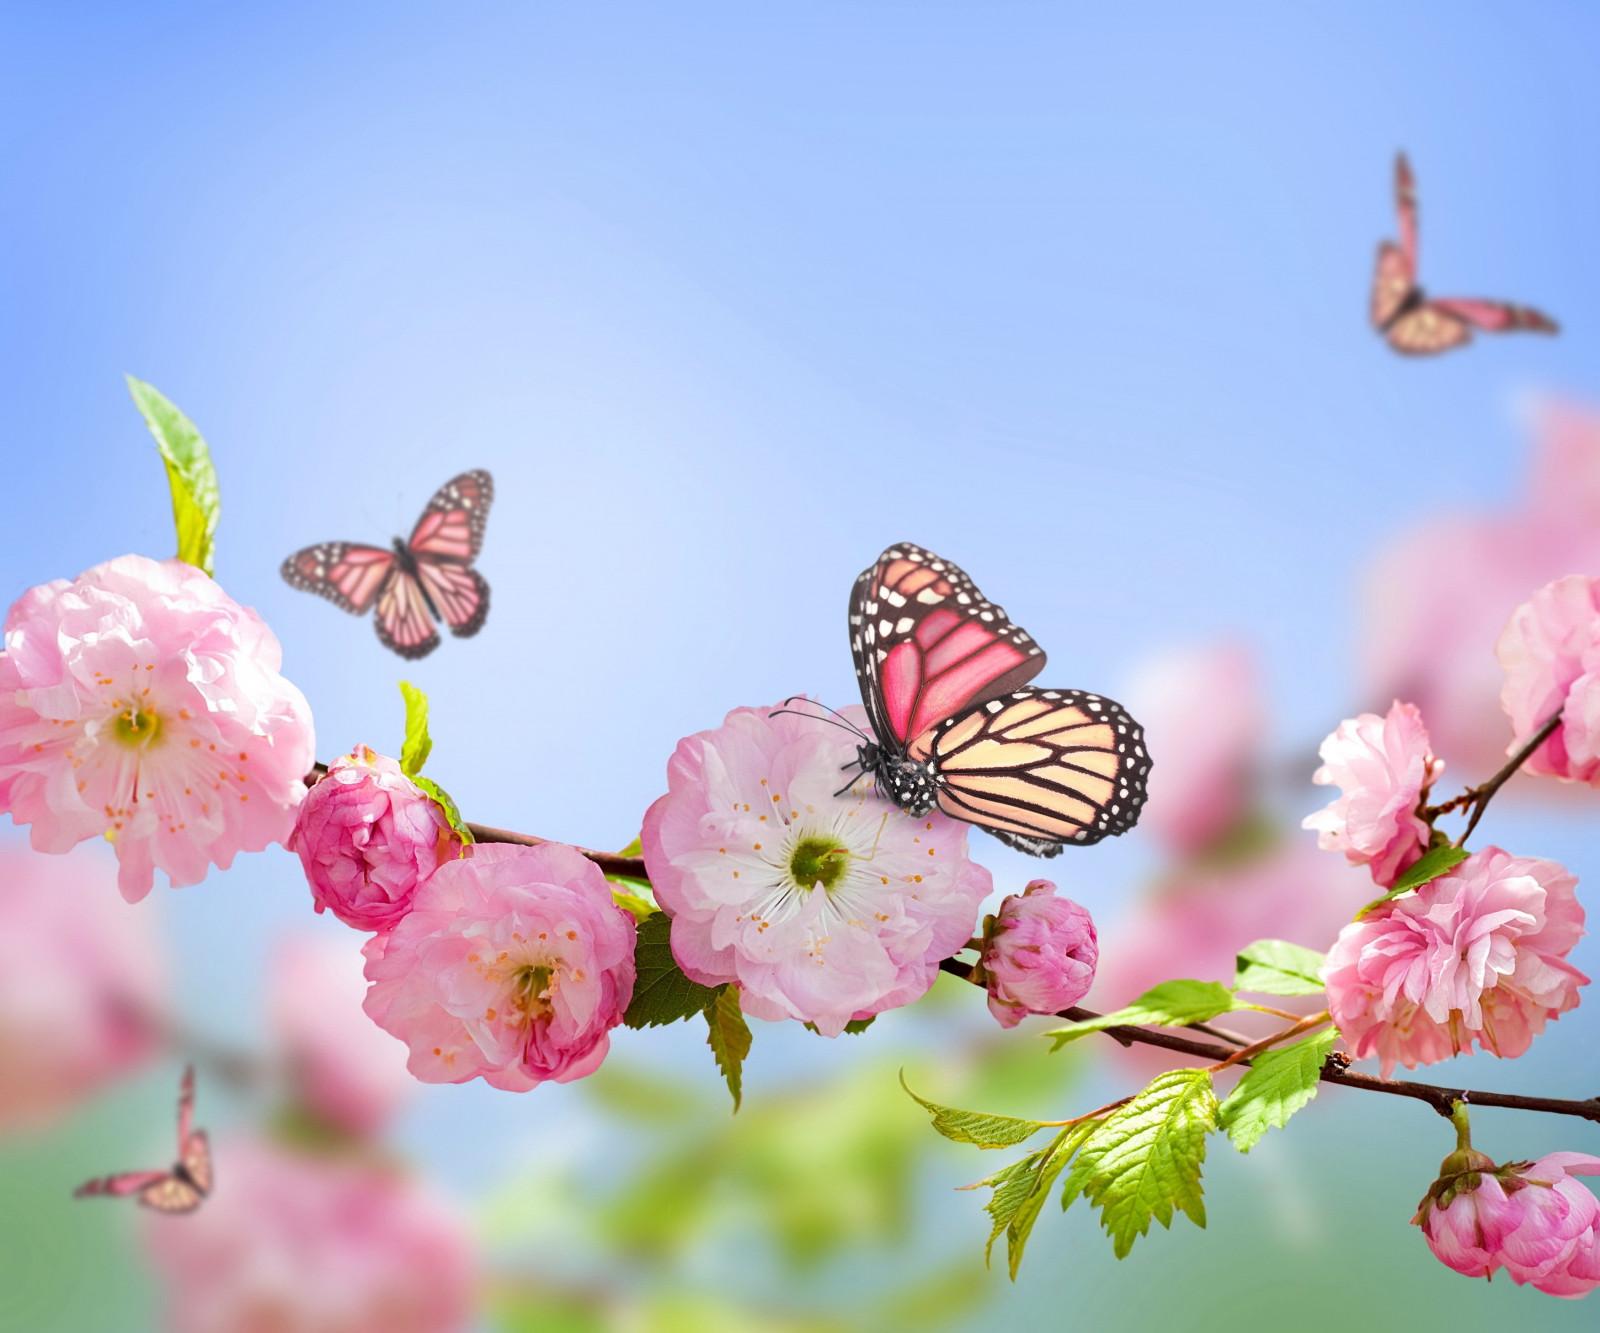 Fond D Ecran Fleurs Roses La Nature Branche Papillon Insecte